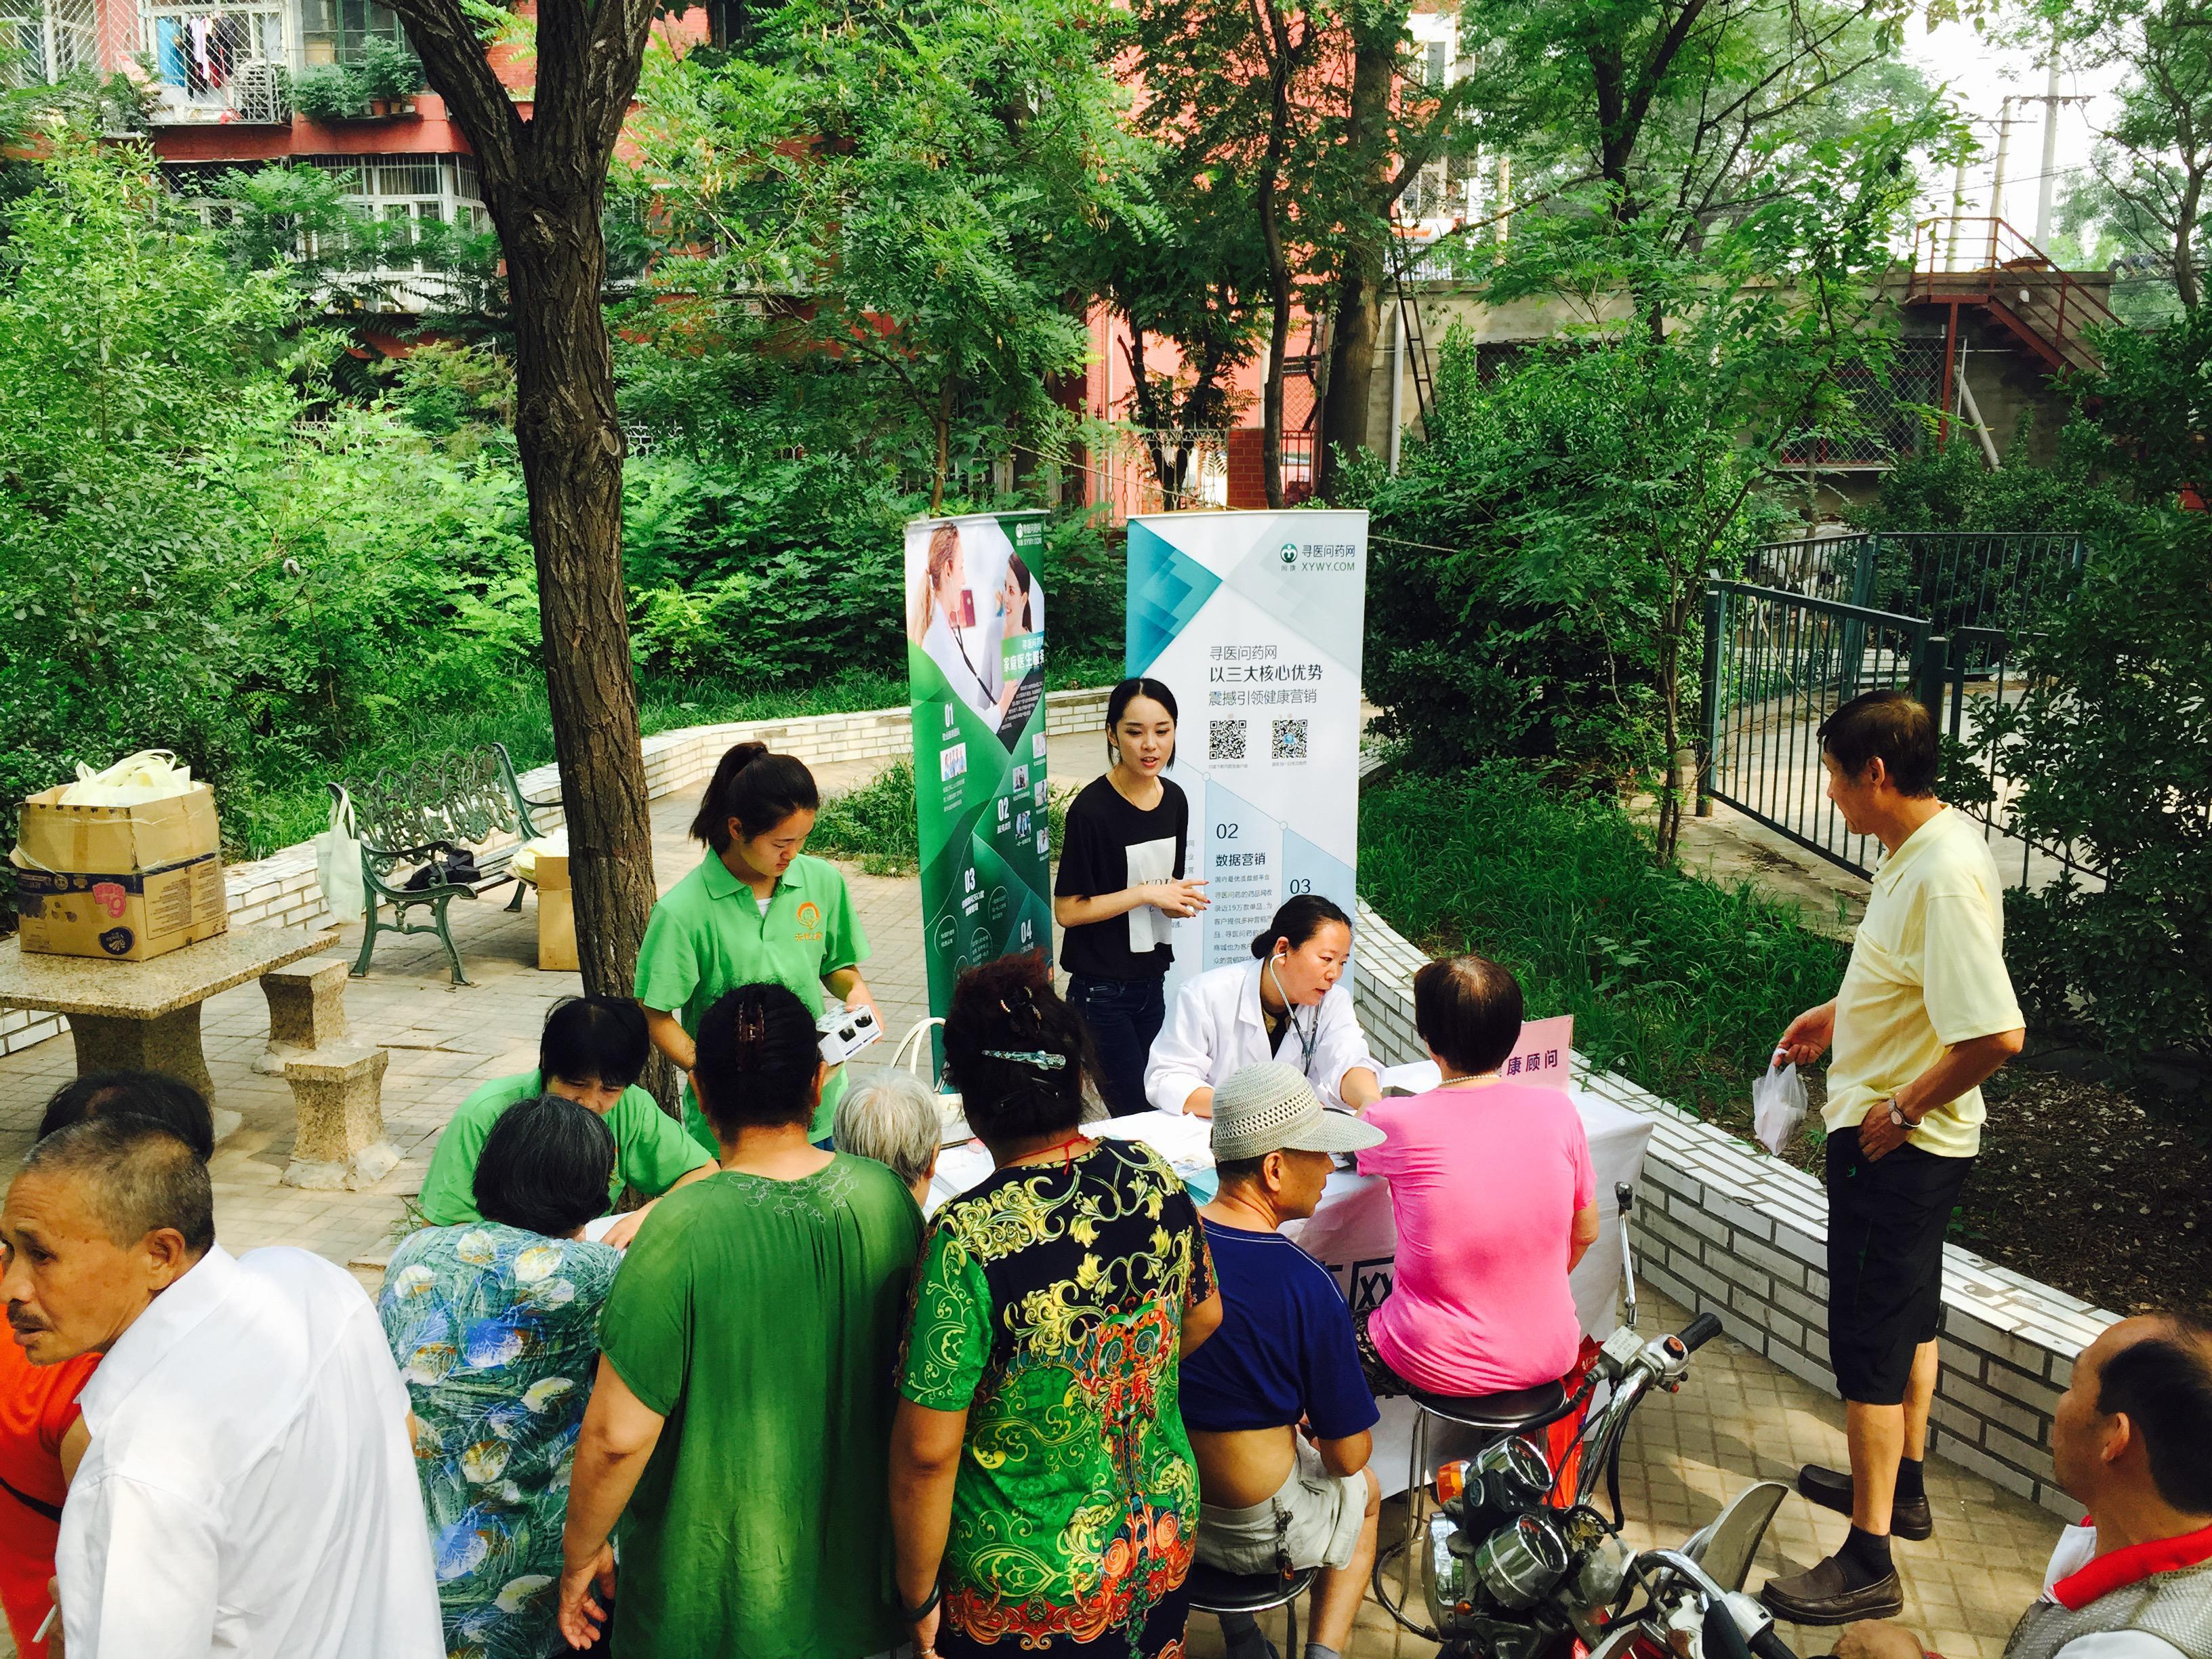 不一会儿社区广场上聚满了前来咨询的居民,他们有序的排着队伍,耐心的等待。